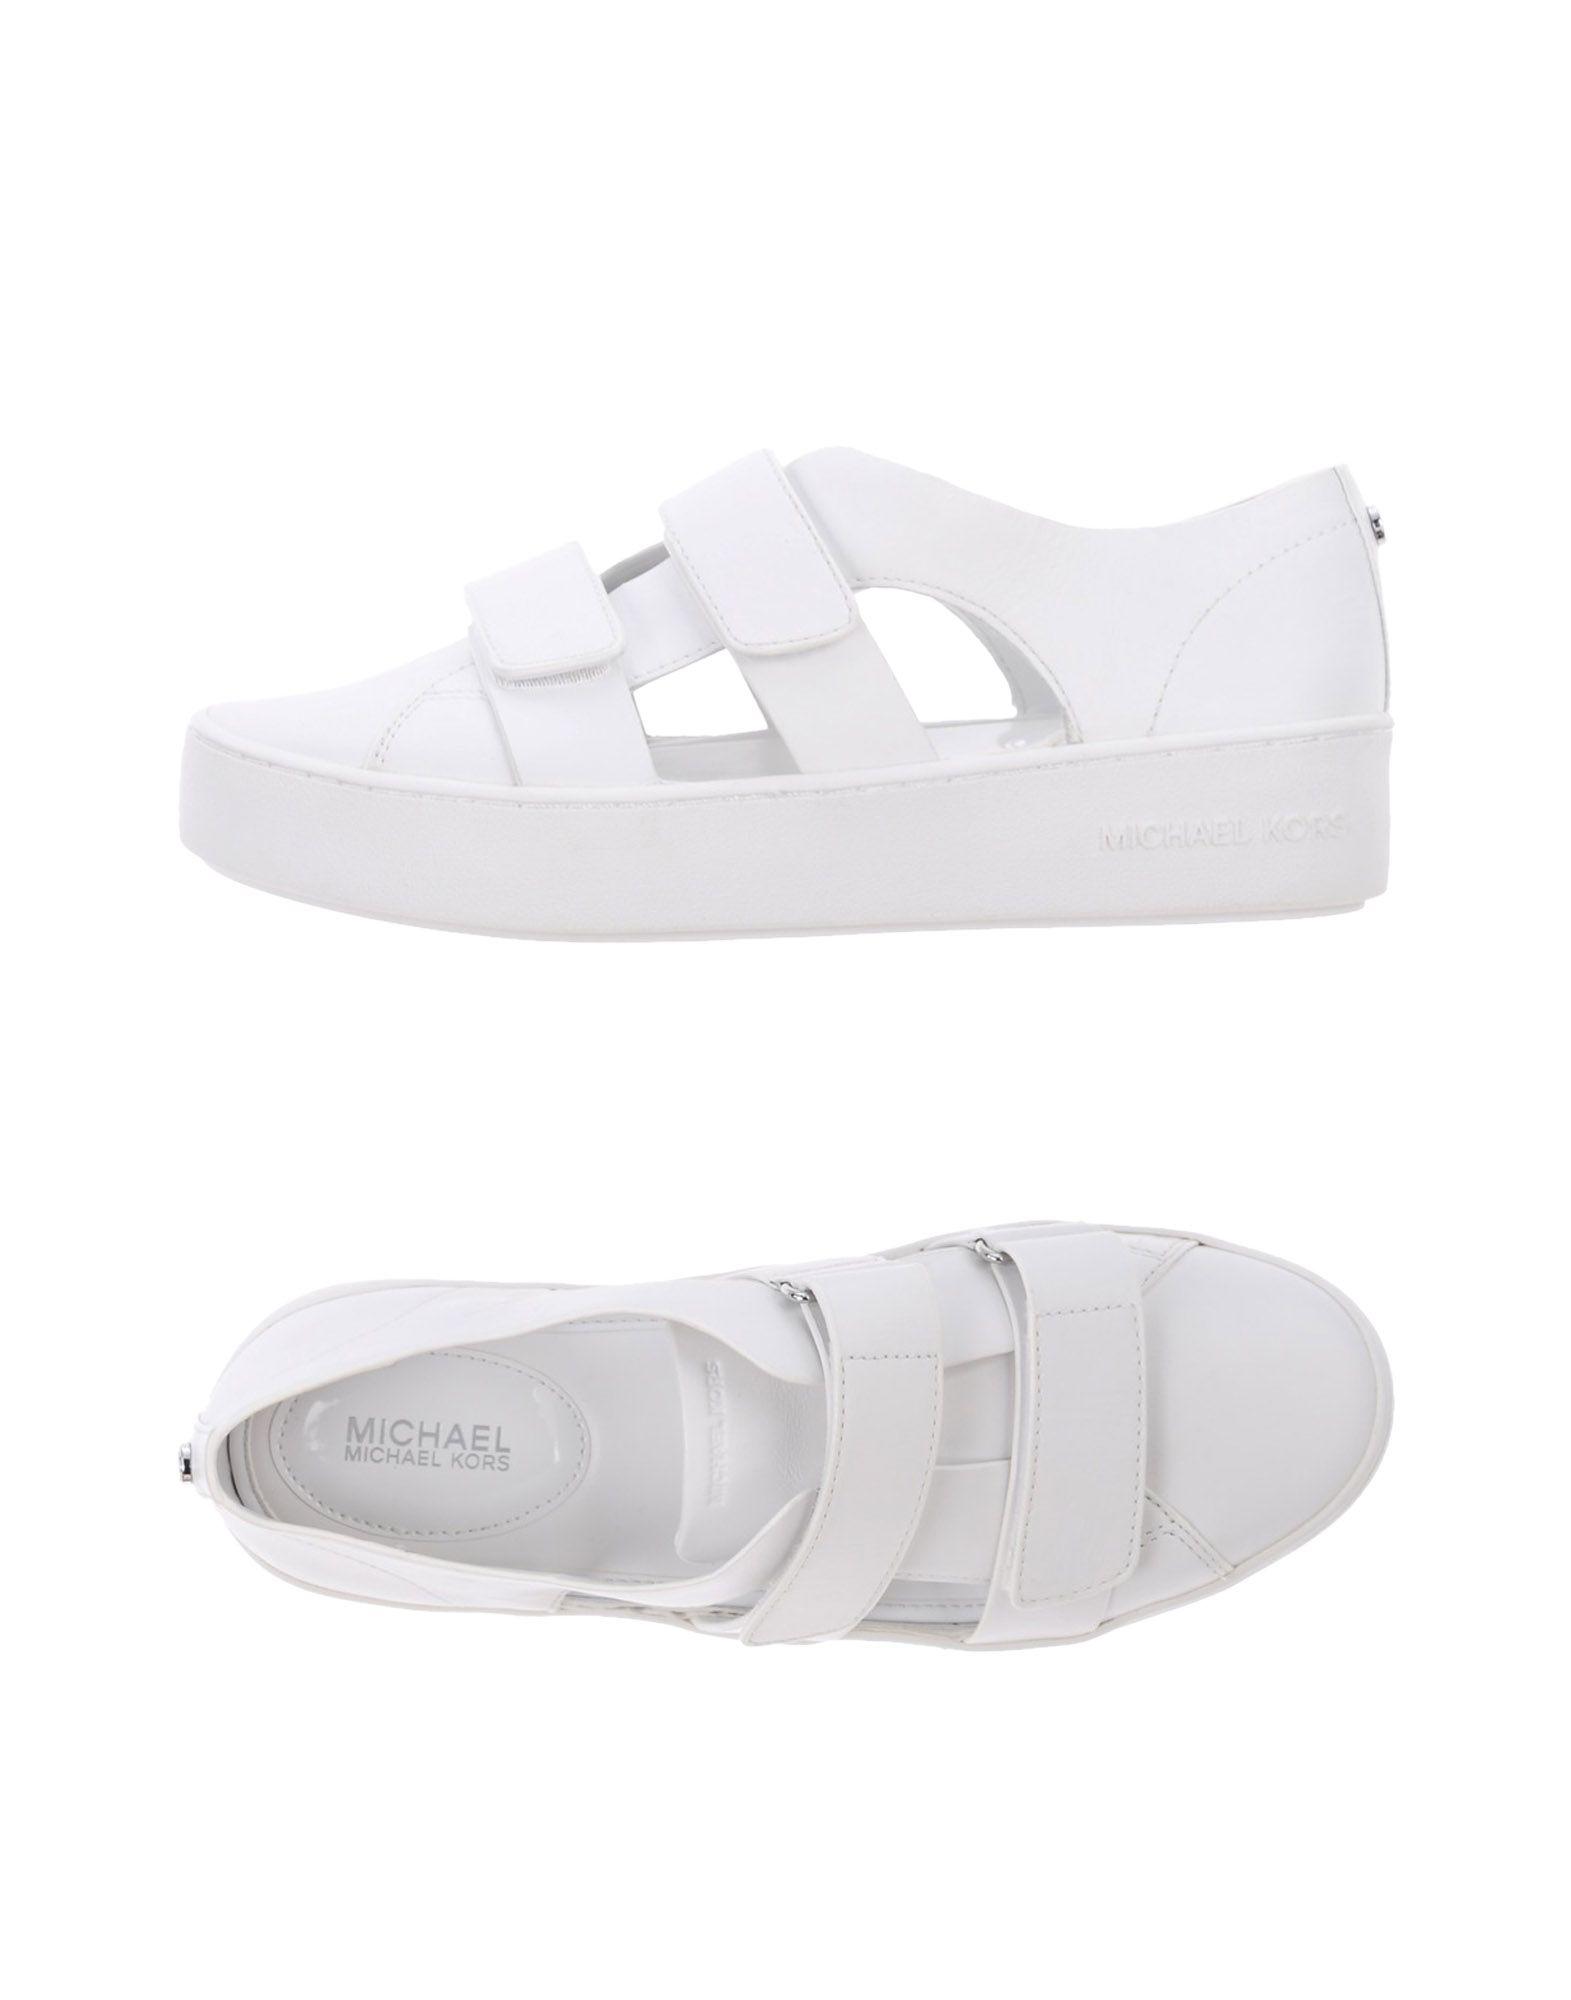 yoox sneakers michael kors